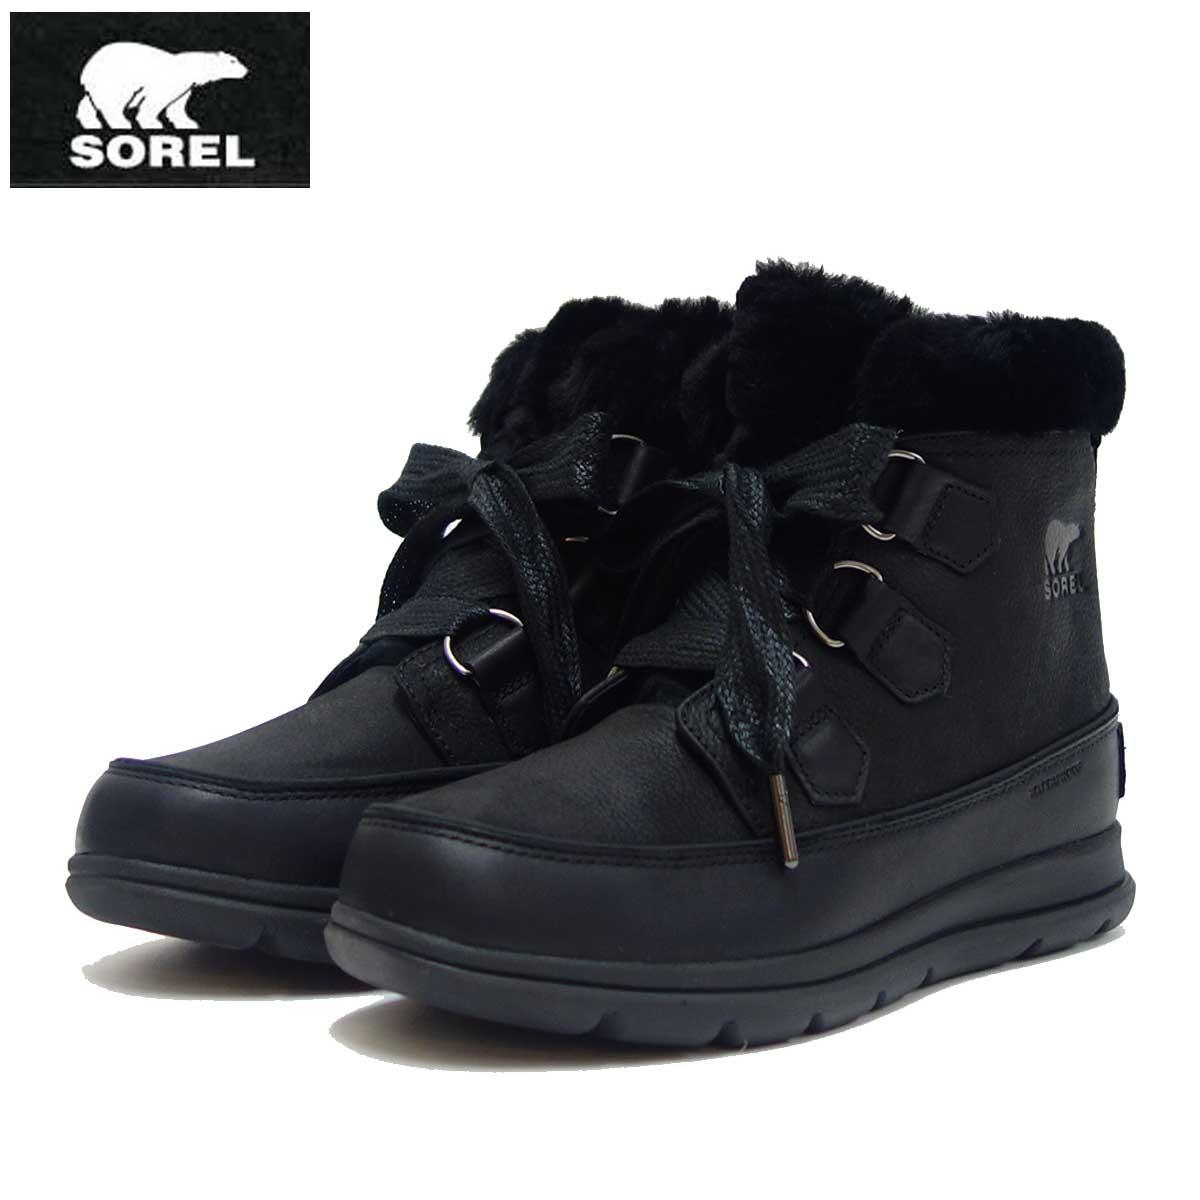 ソレル SOREL LL 5326(レディース) エクスプローラーラックス:ブラック (010) 防水・天然皮革ショートブーツ「靴」